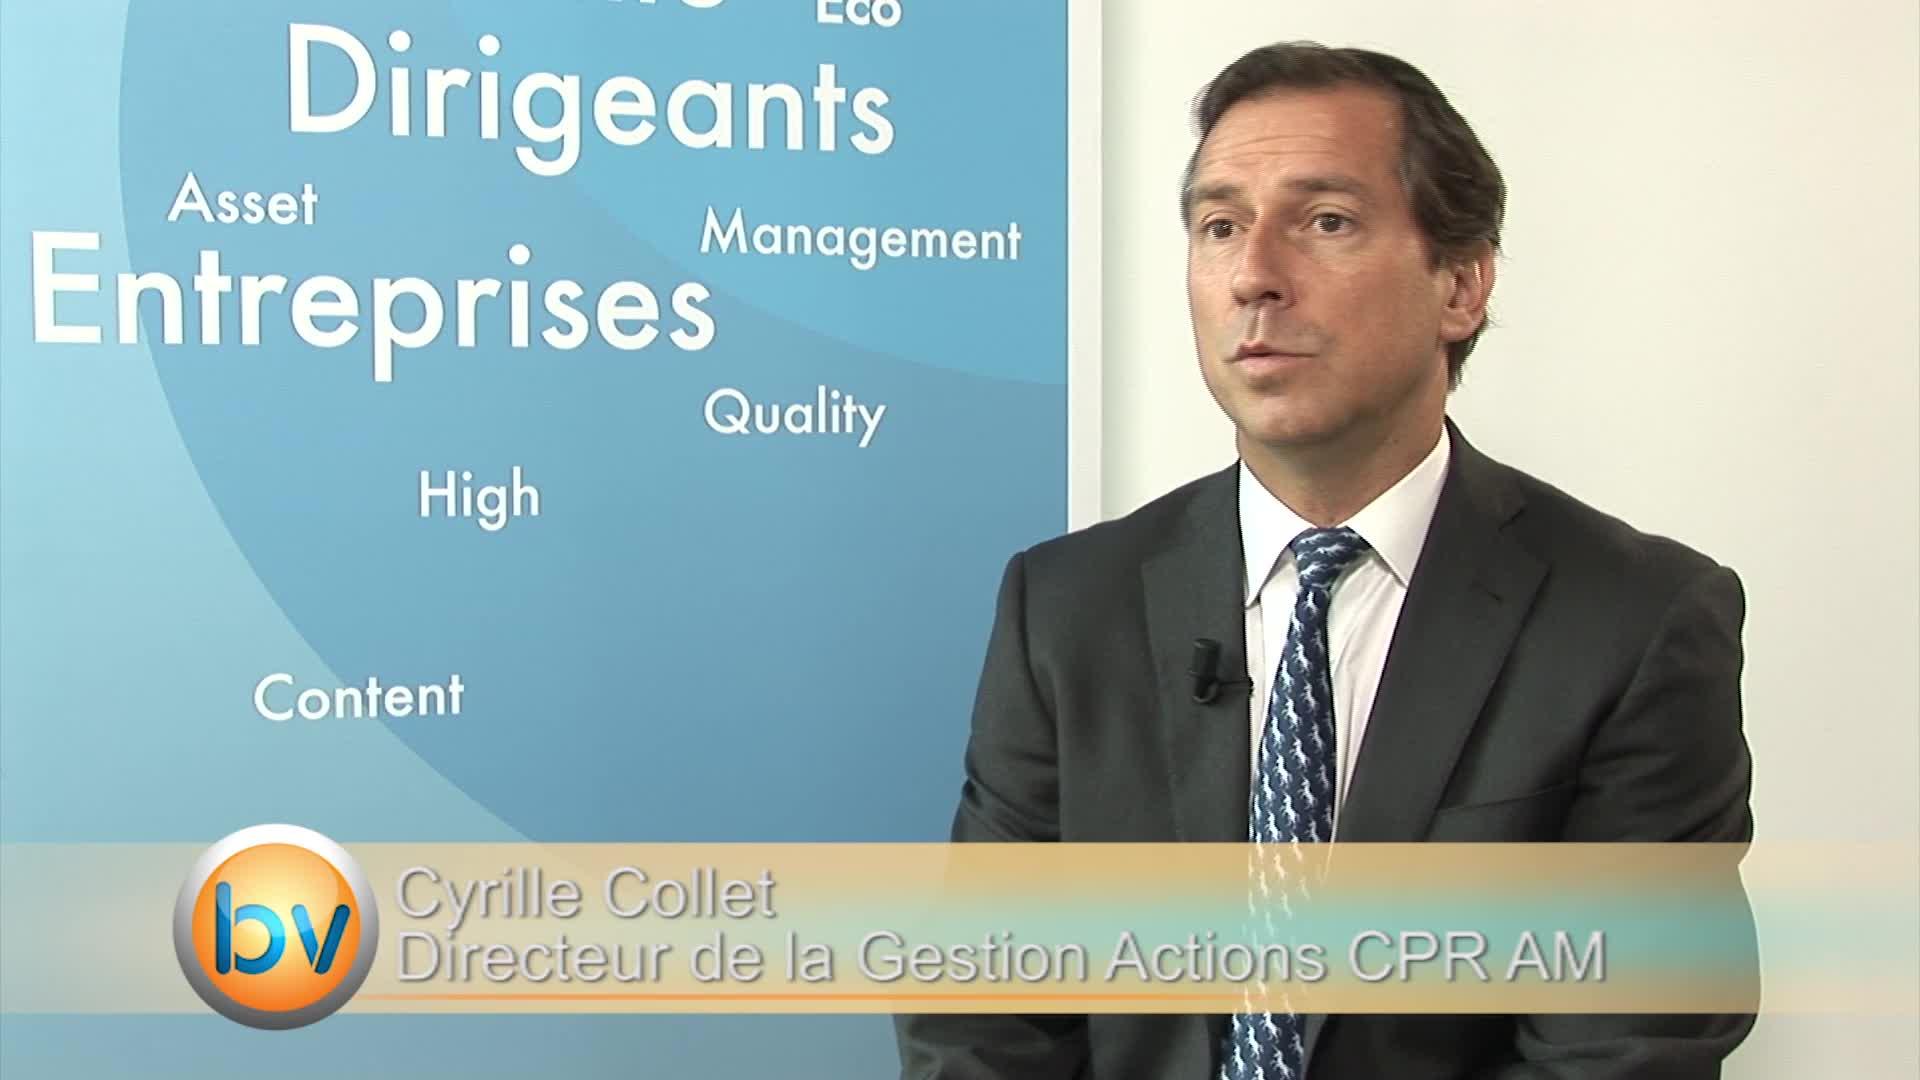 """Cyrille Collet Directeur de la Gestion Actions CPR AM : """"Il faut attendre la FED"""""""